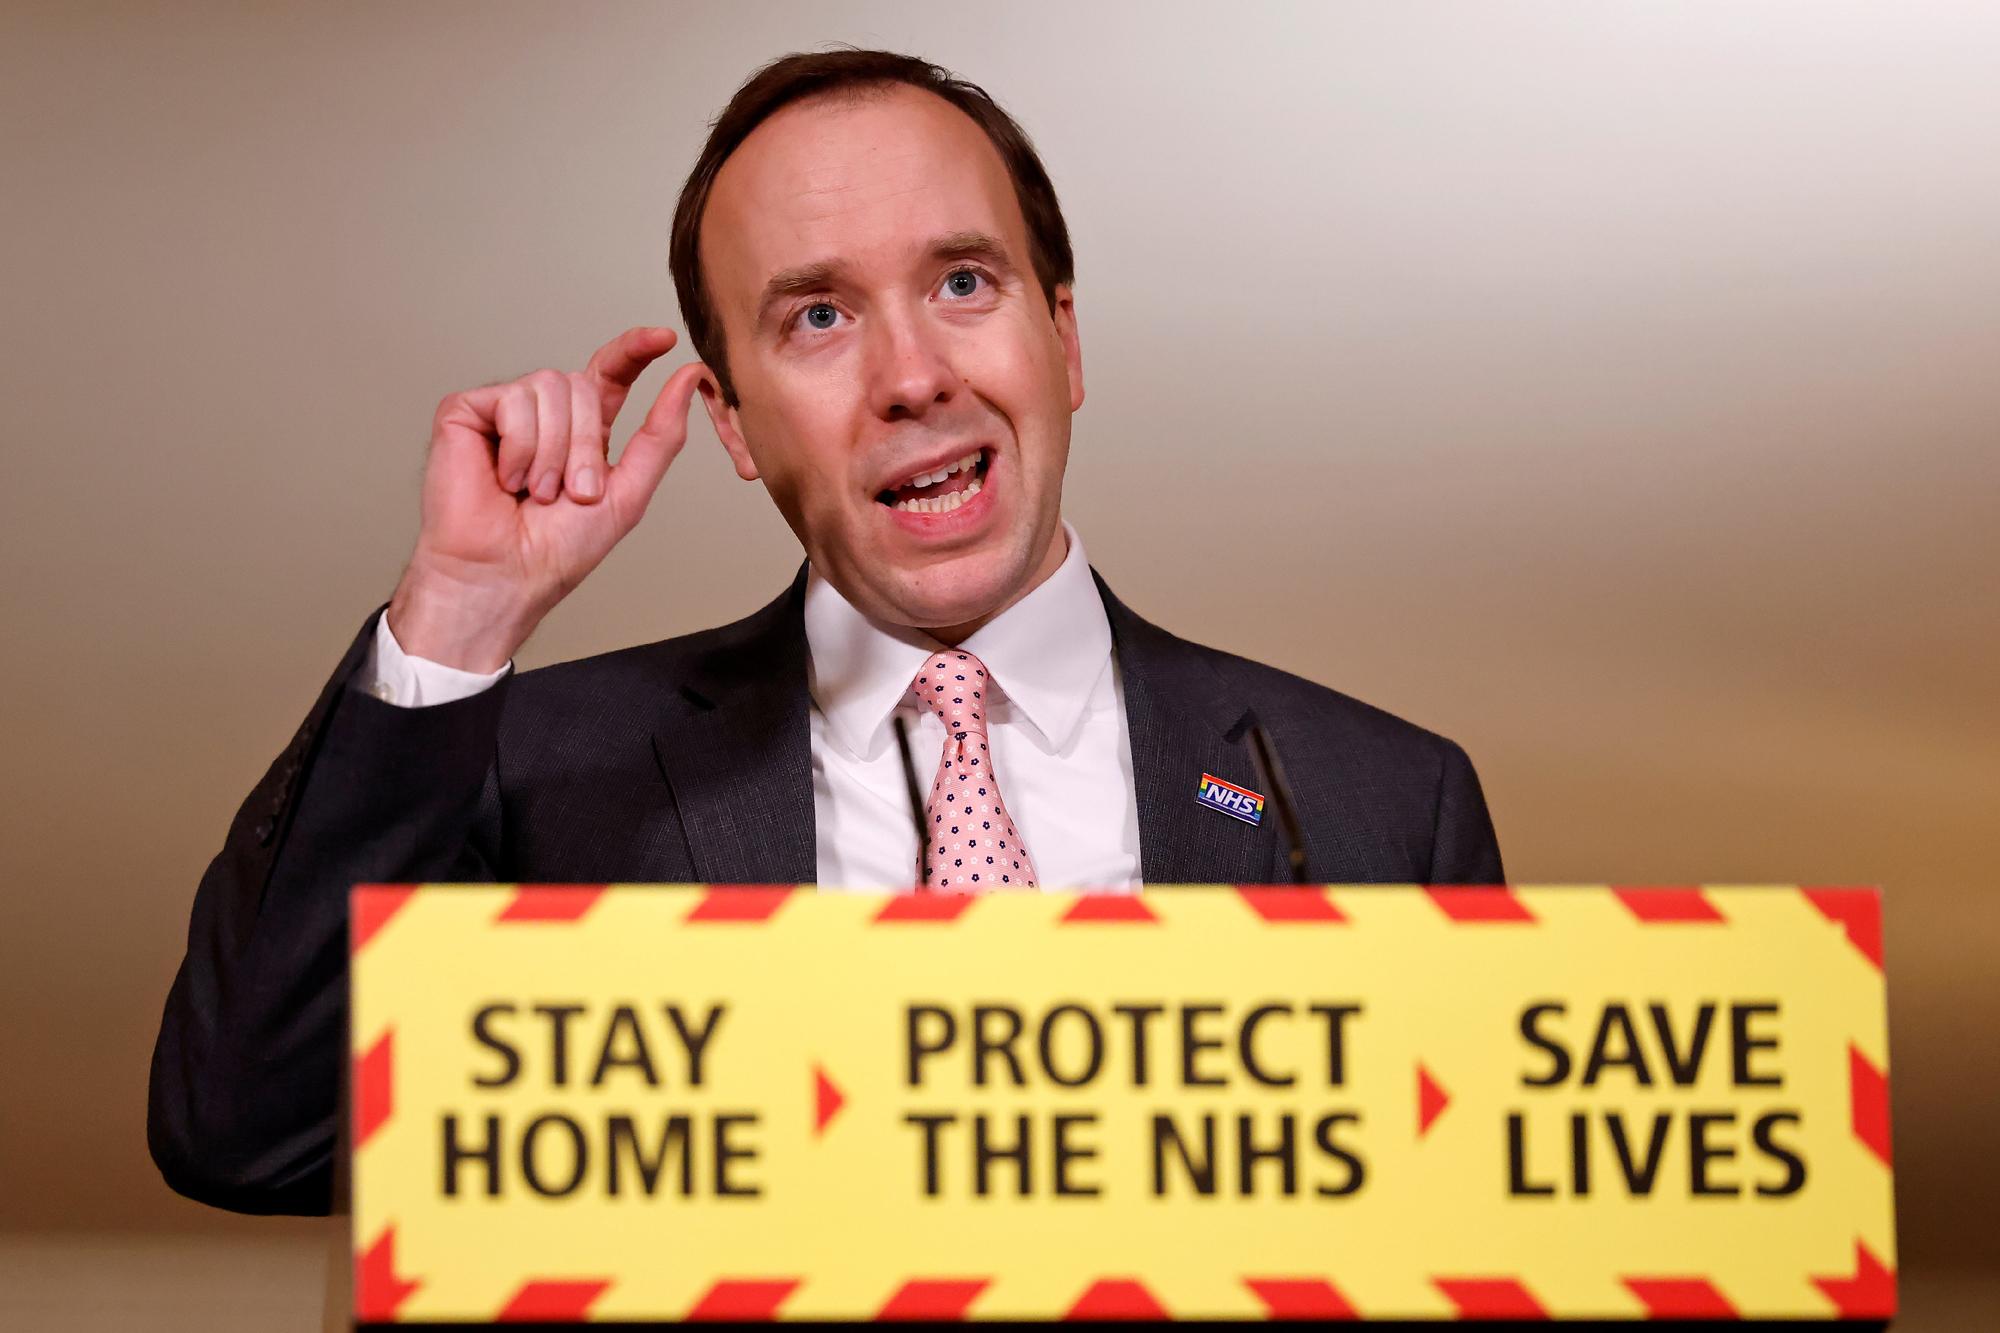 Conférence de presse sur les coronavirus depuis Downing Street